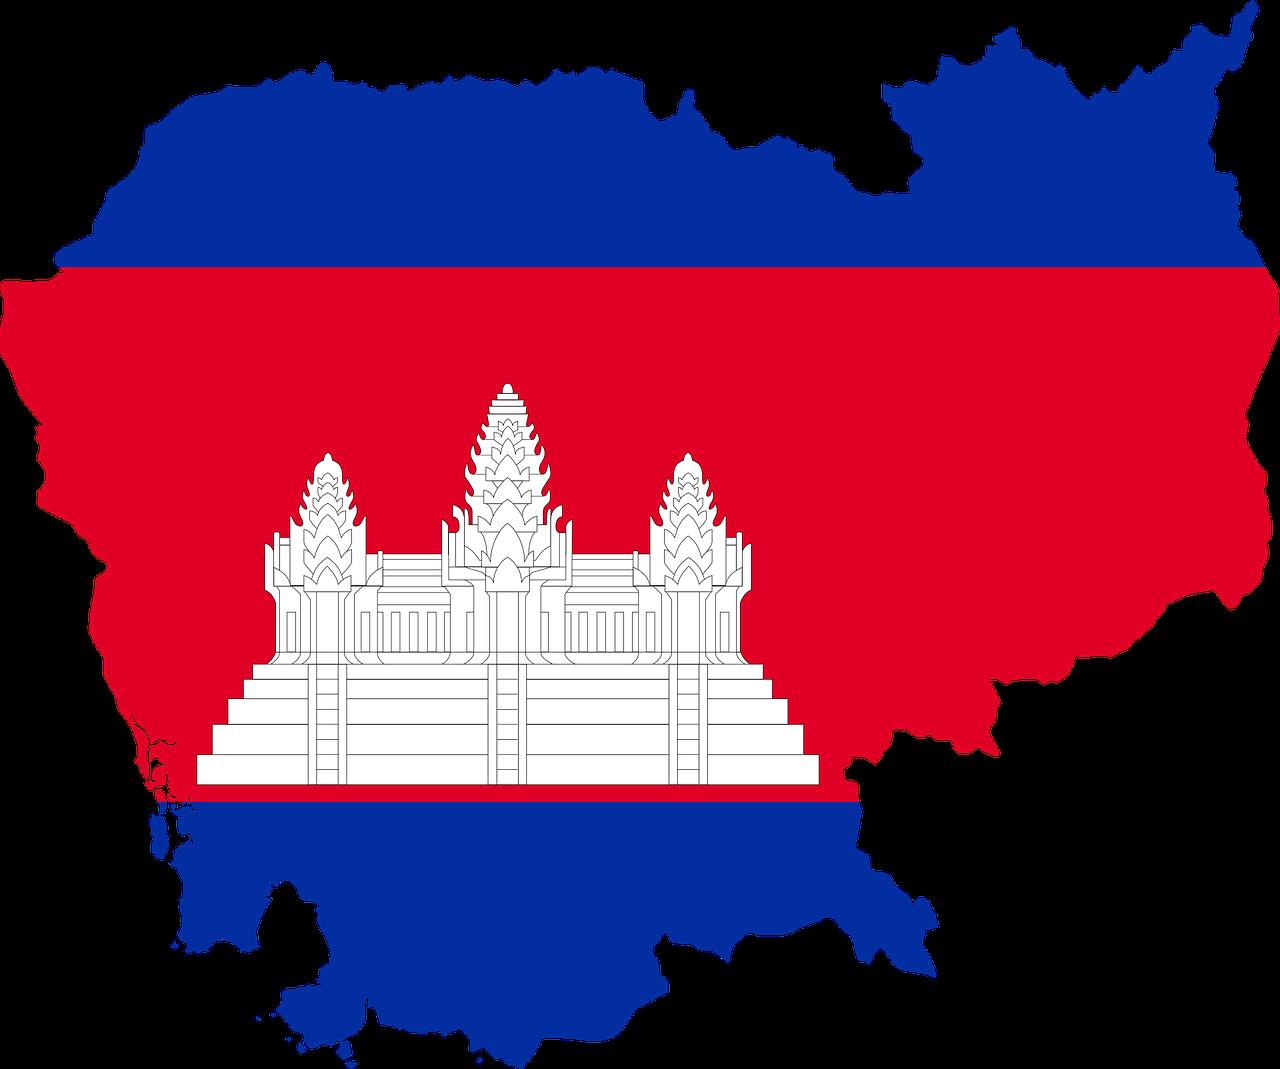 (日本語) カンボジア国内の新型コロナウイルス感染状況と政府の動きまとめ(4/18更新)